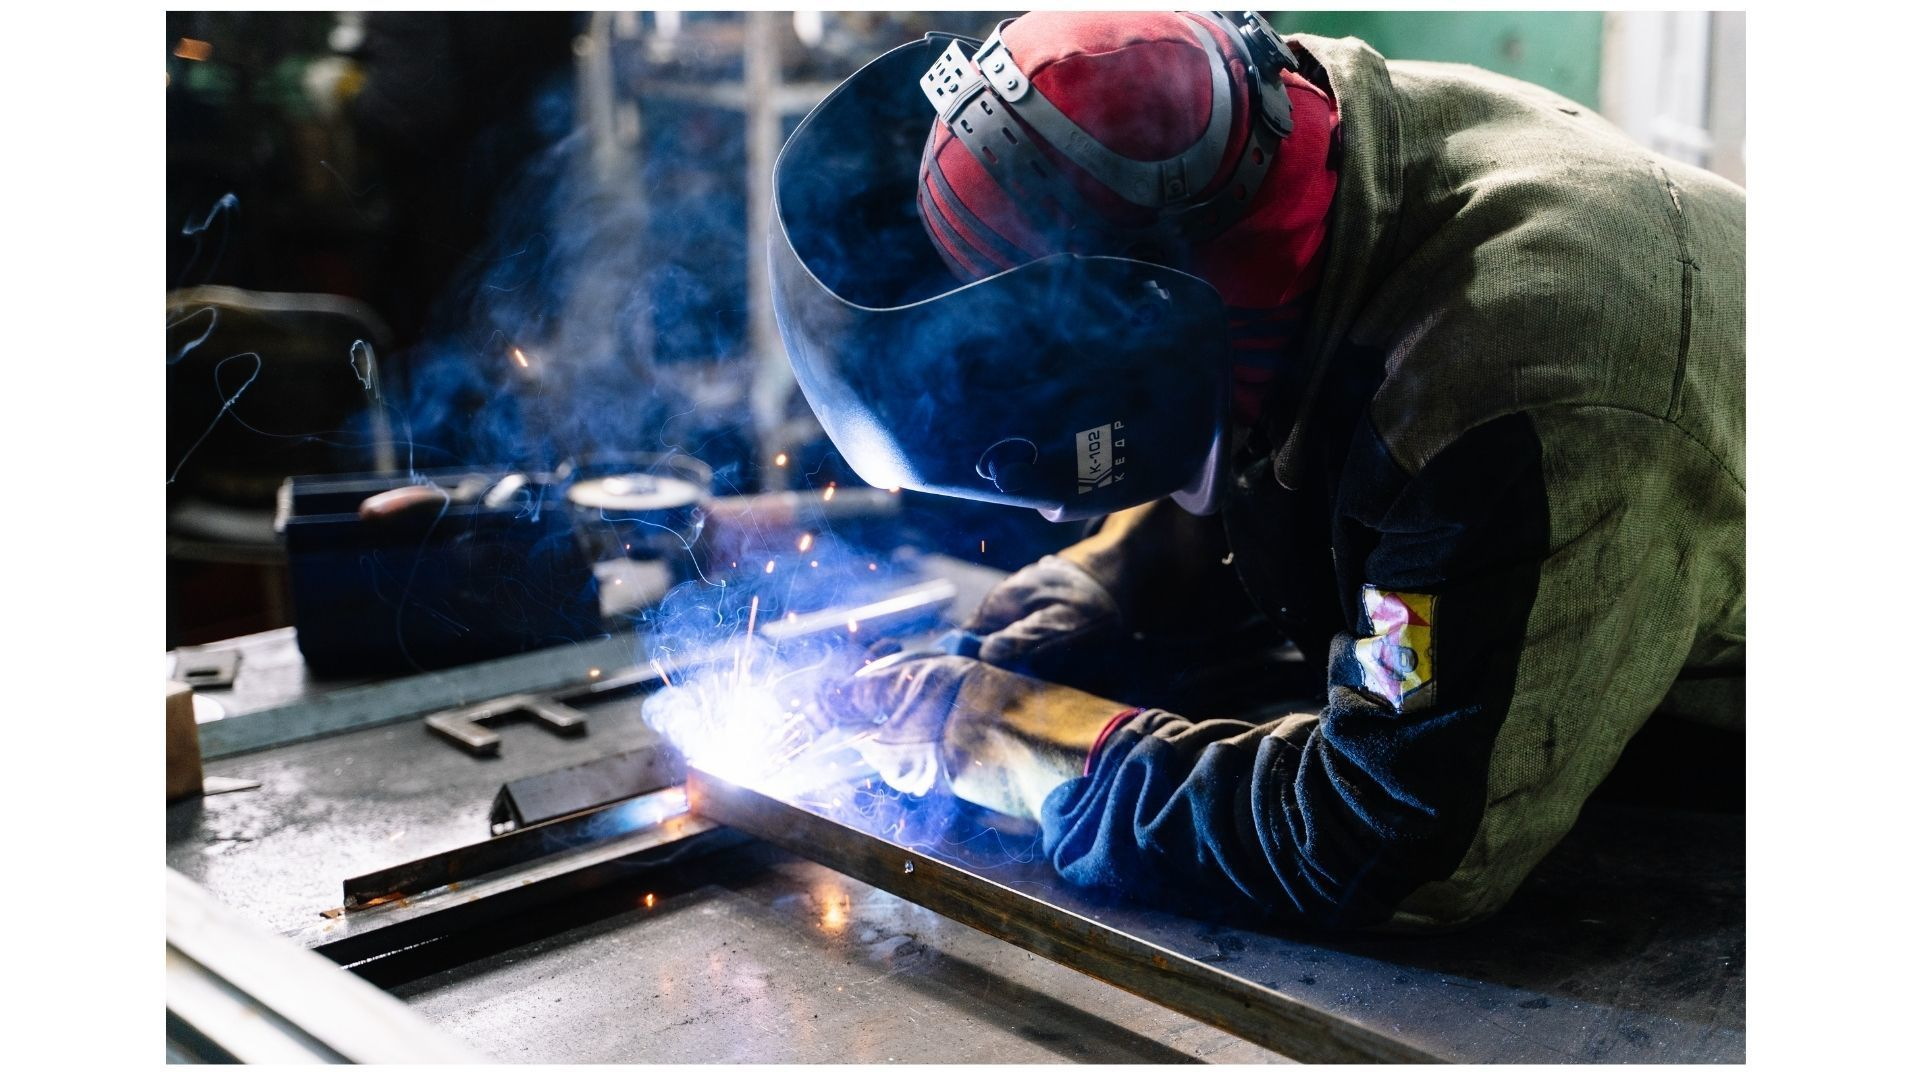 【Ibaraki,Chikusei】Processing and finishing work of aluminum products